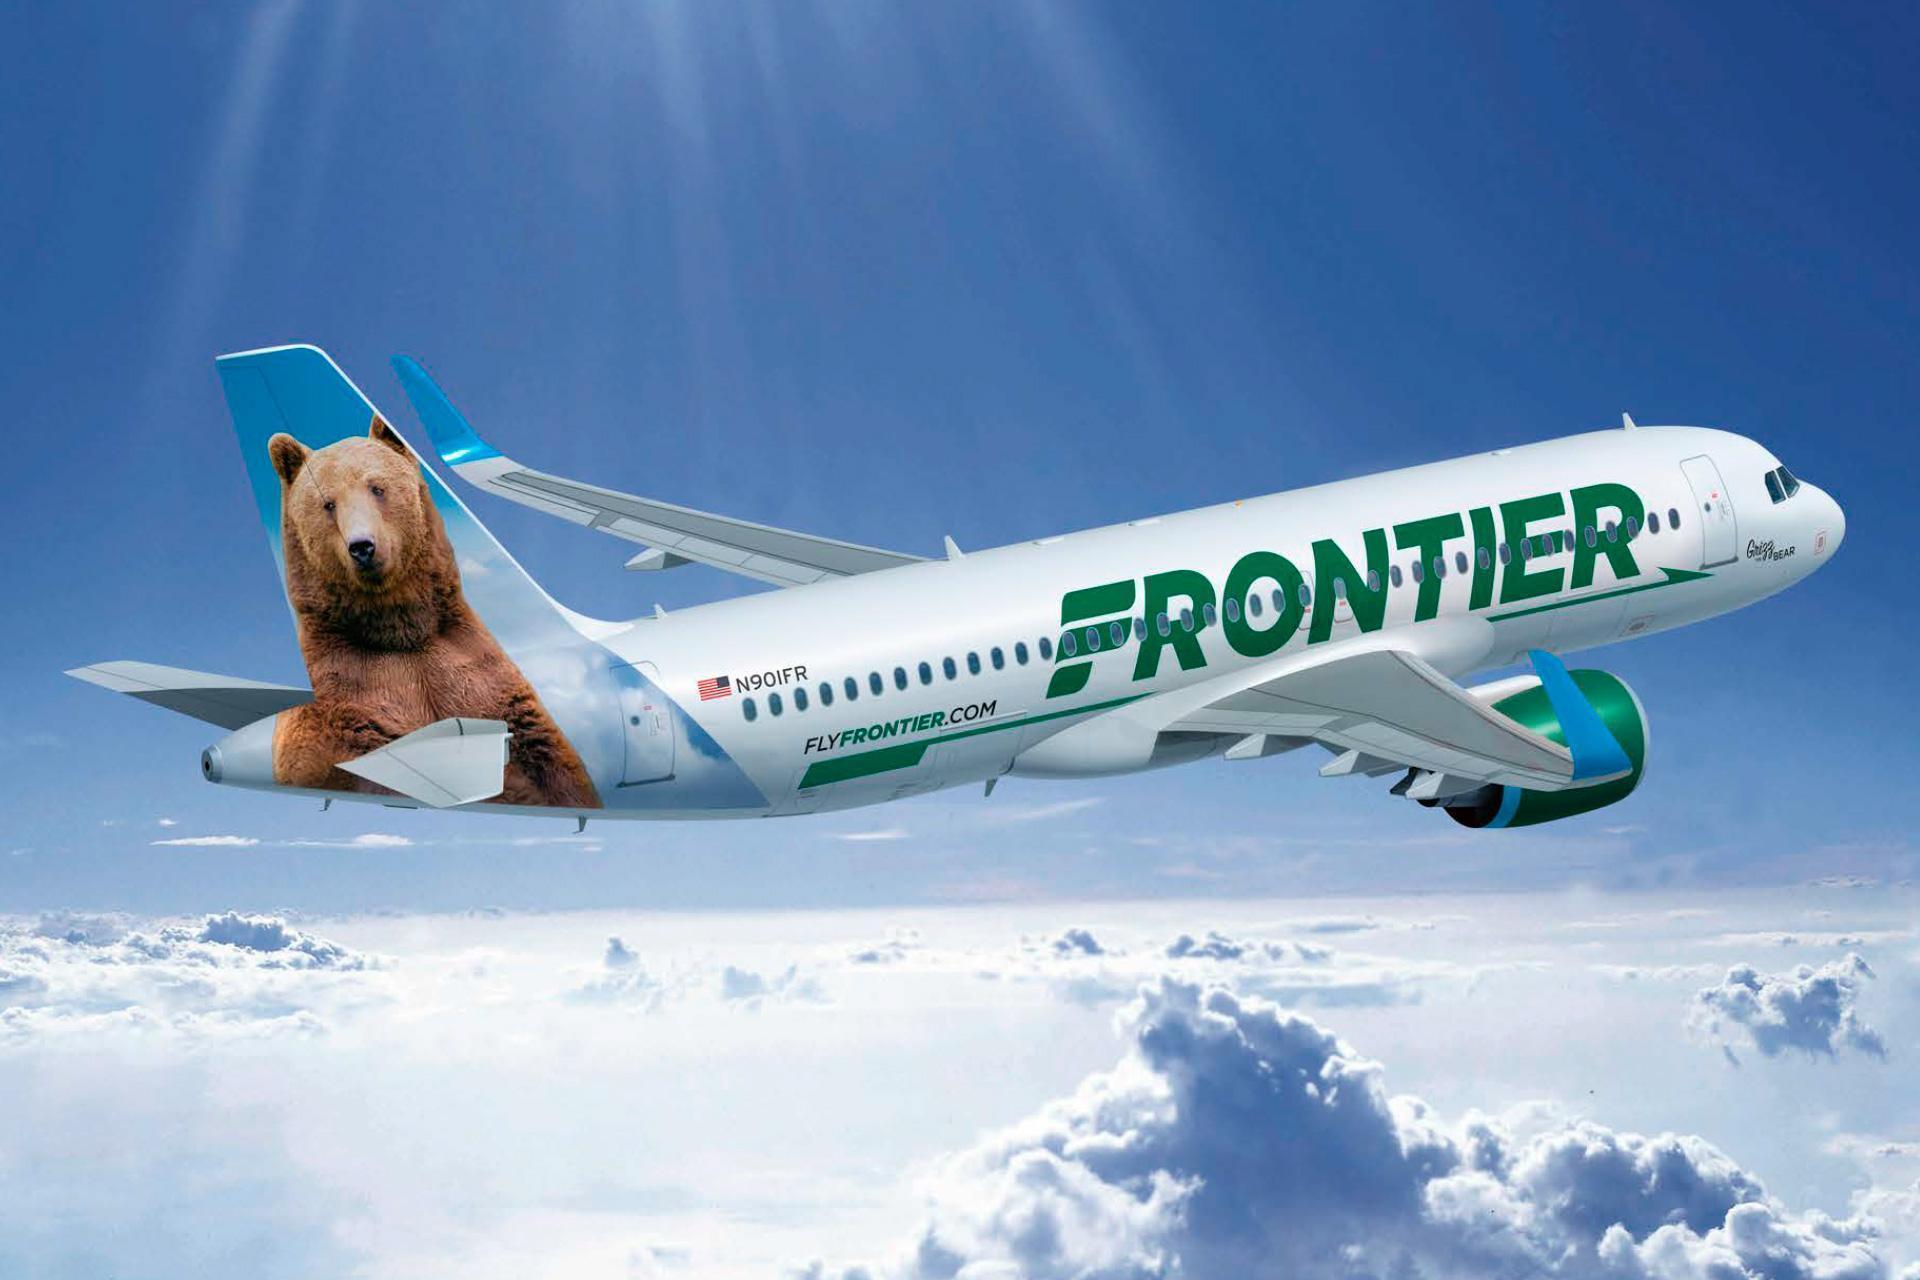 frontier airlines español